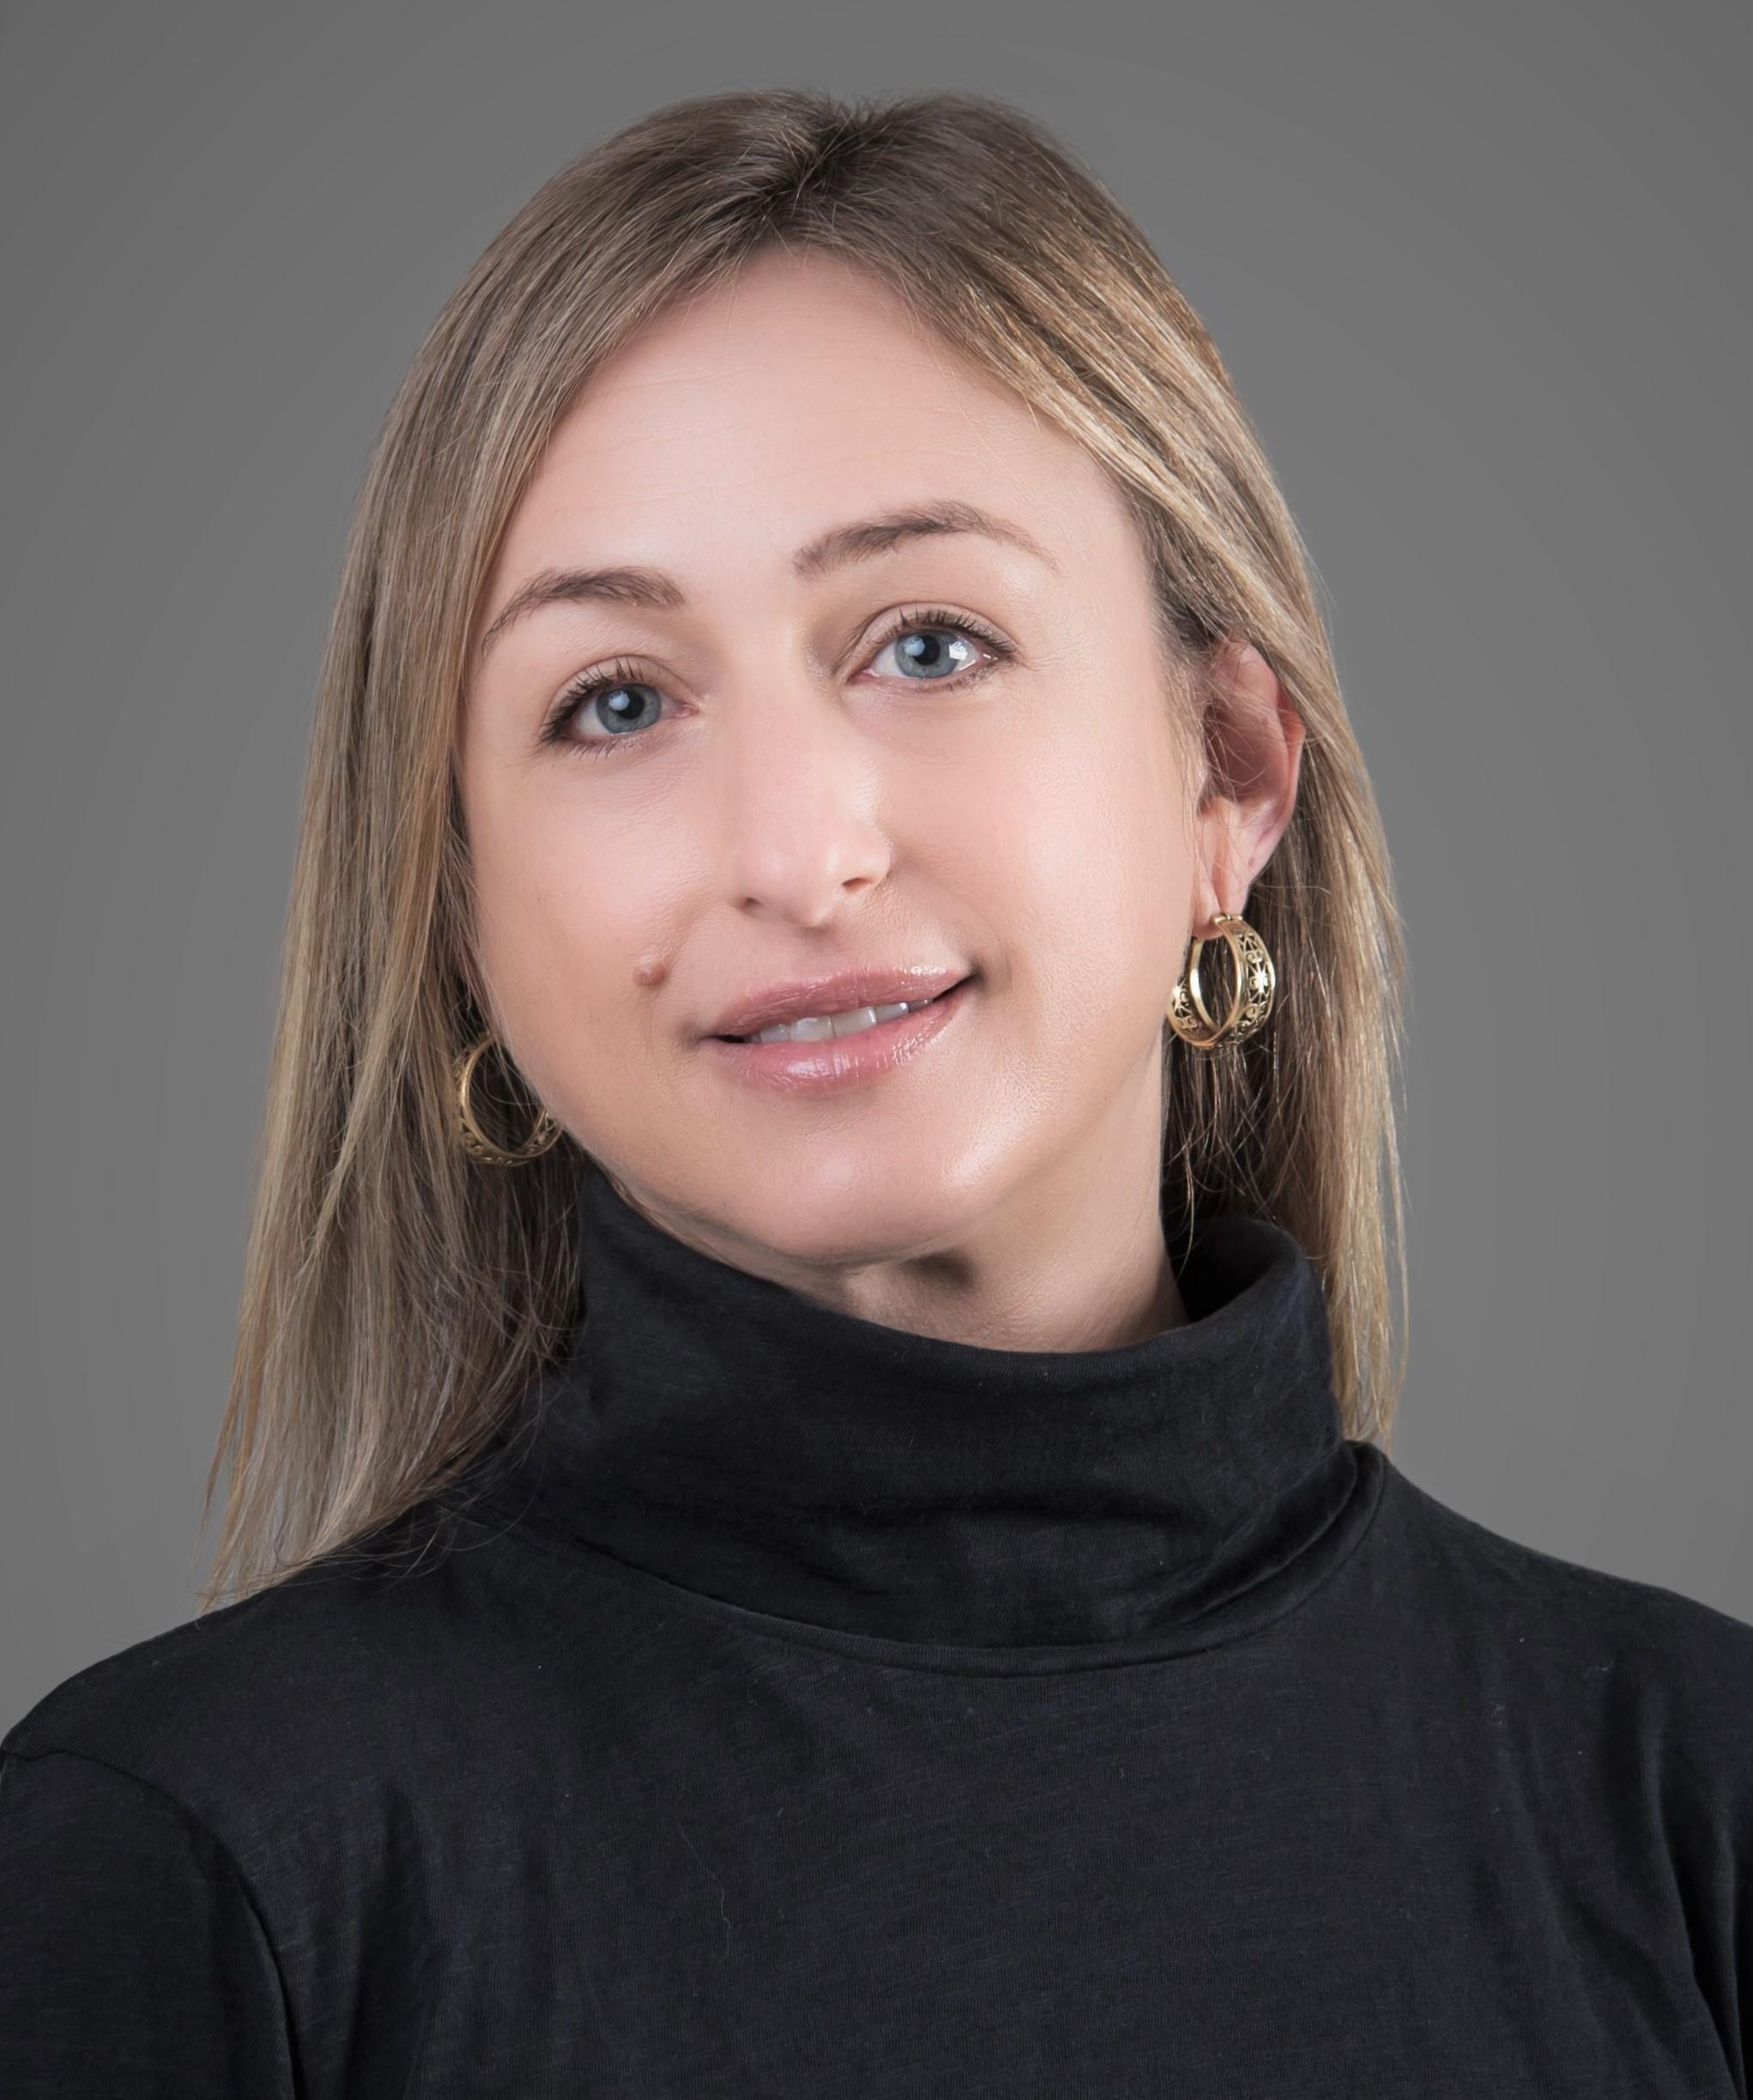 Karen Doubilet